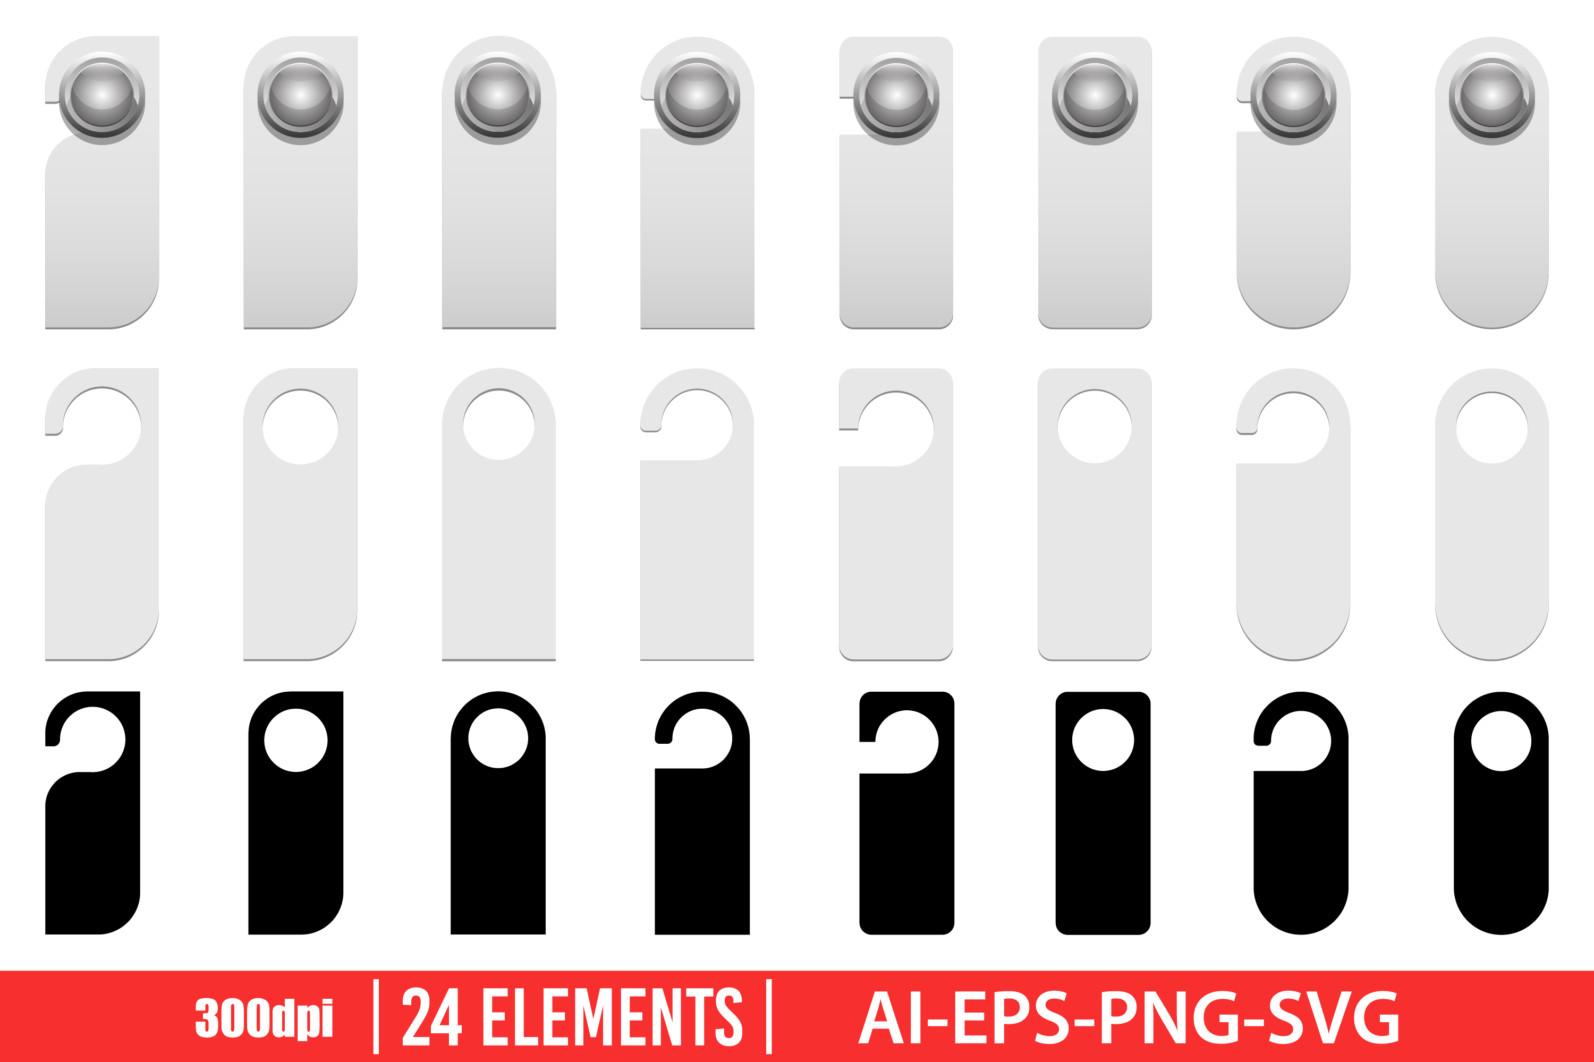 Door hanger clipart vector design illustration. Door hanger set. Vector Clipart Print - DOOR HANGER scaled -